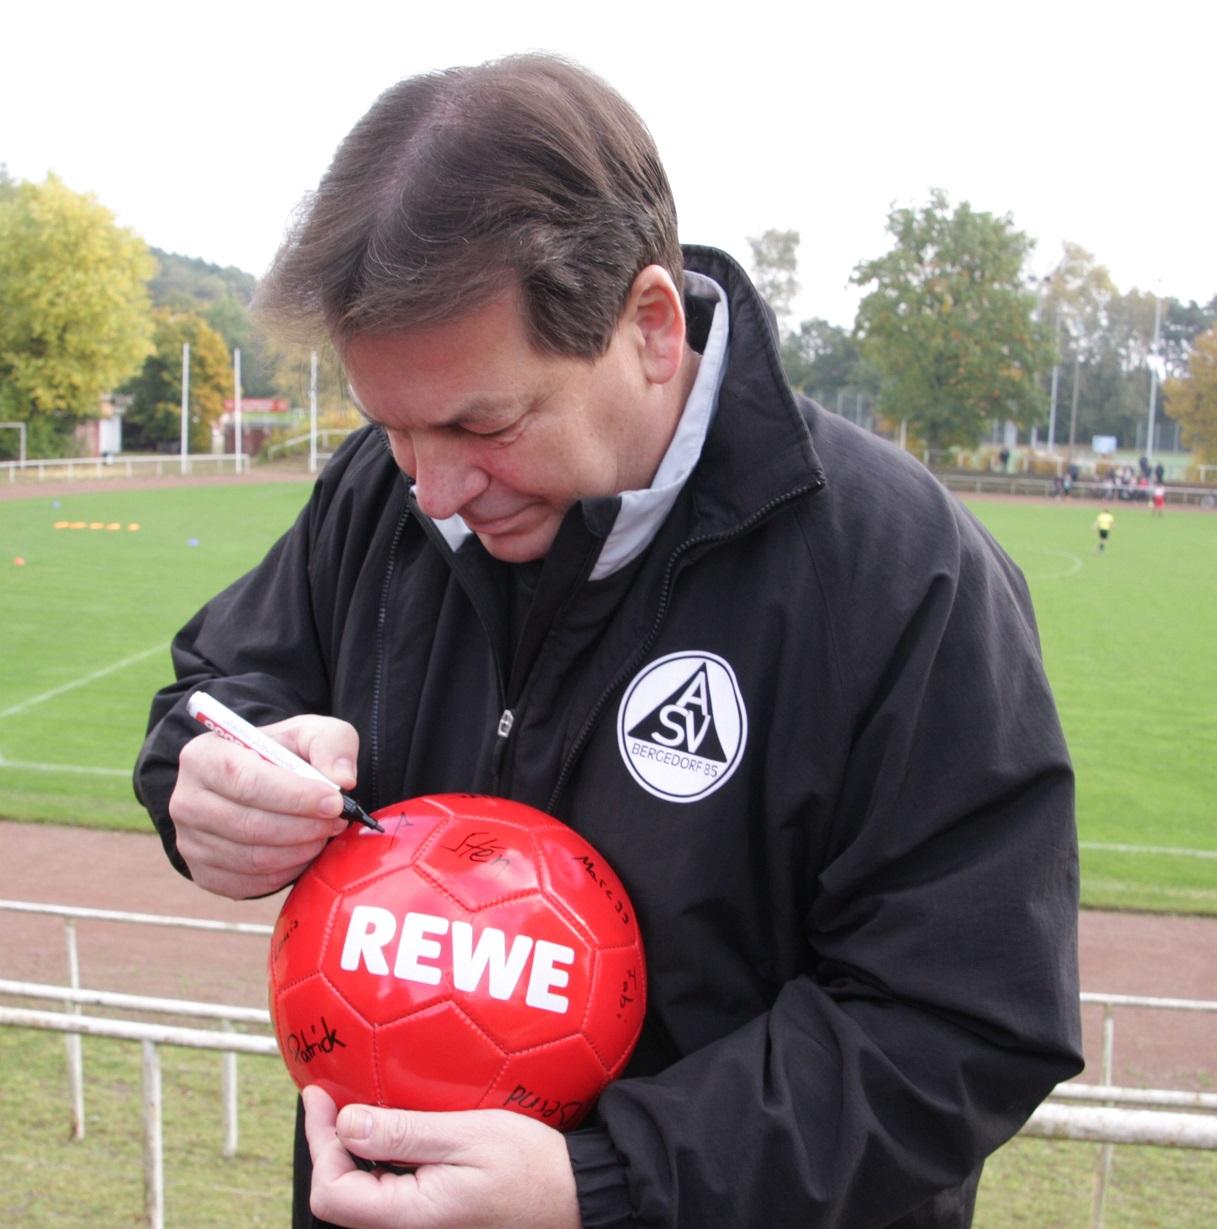 REWE-Ball wird verlost